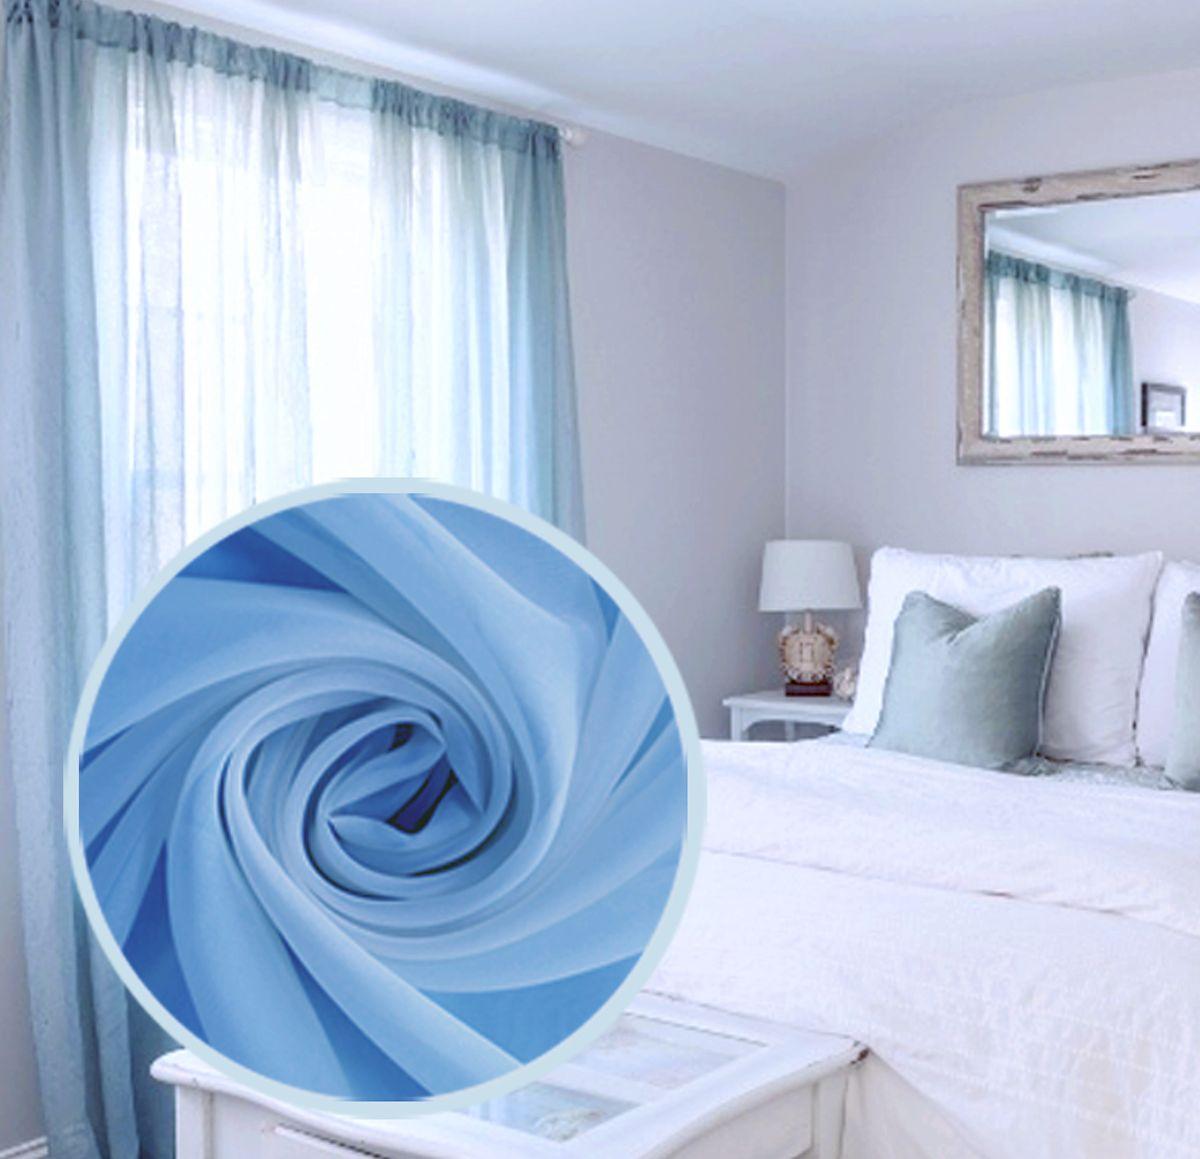 Вуаль Amore Mio Однотонная, 300х270 см, цвет: голубой. 7538675386Однотонная нежная легкая вуаль голубого цвета - цвета летнего ясного неба. На шторной ленте. Яркий акцент для ваших окон! В комплект входит: Вуаль 300х270